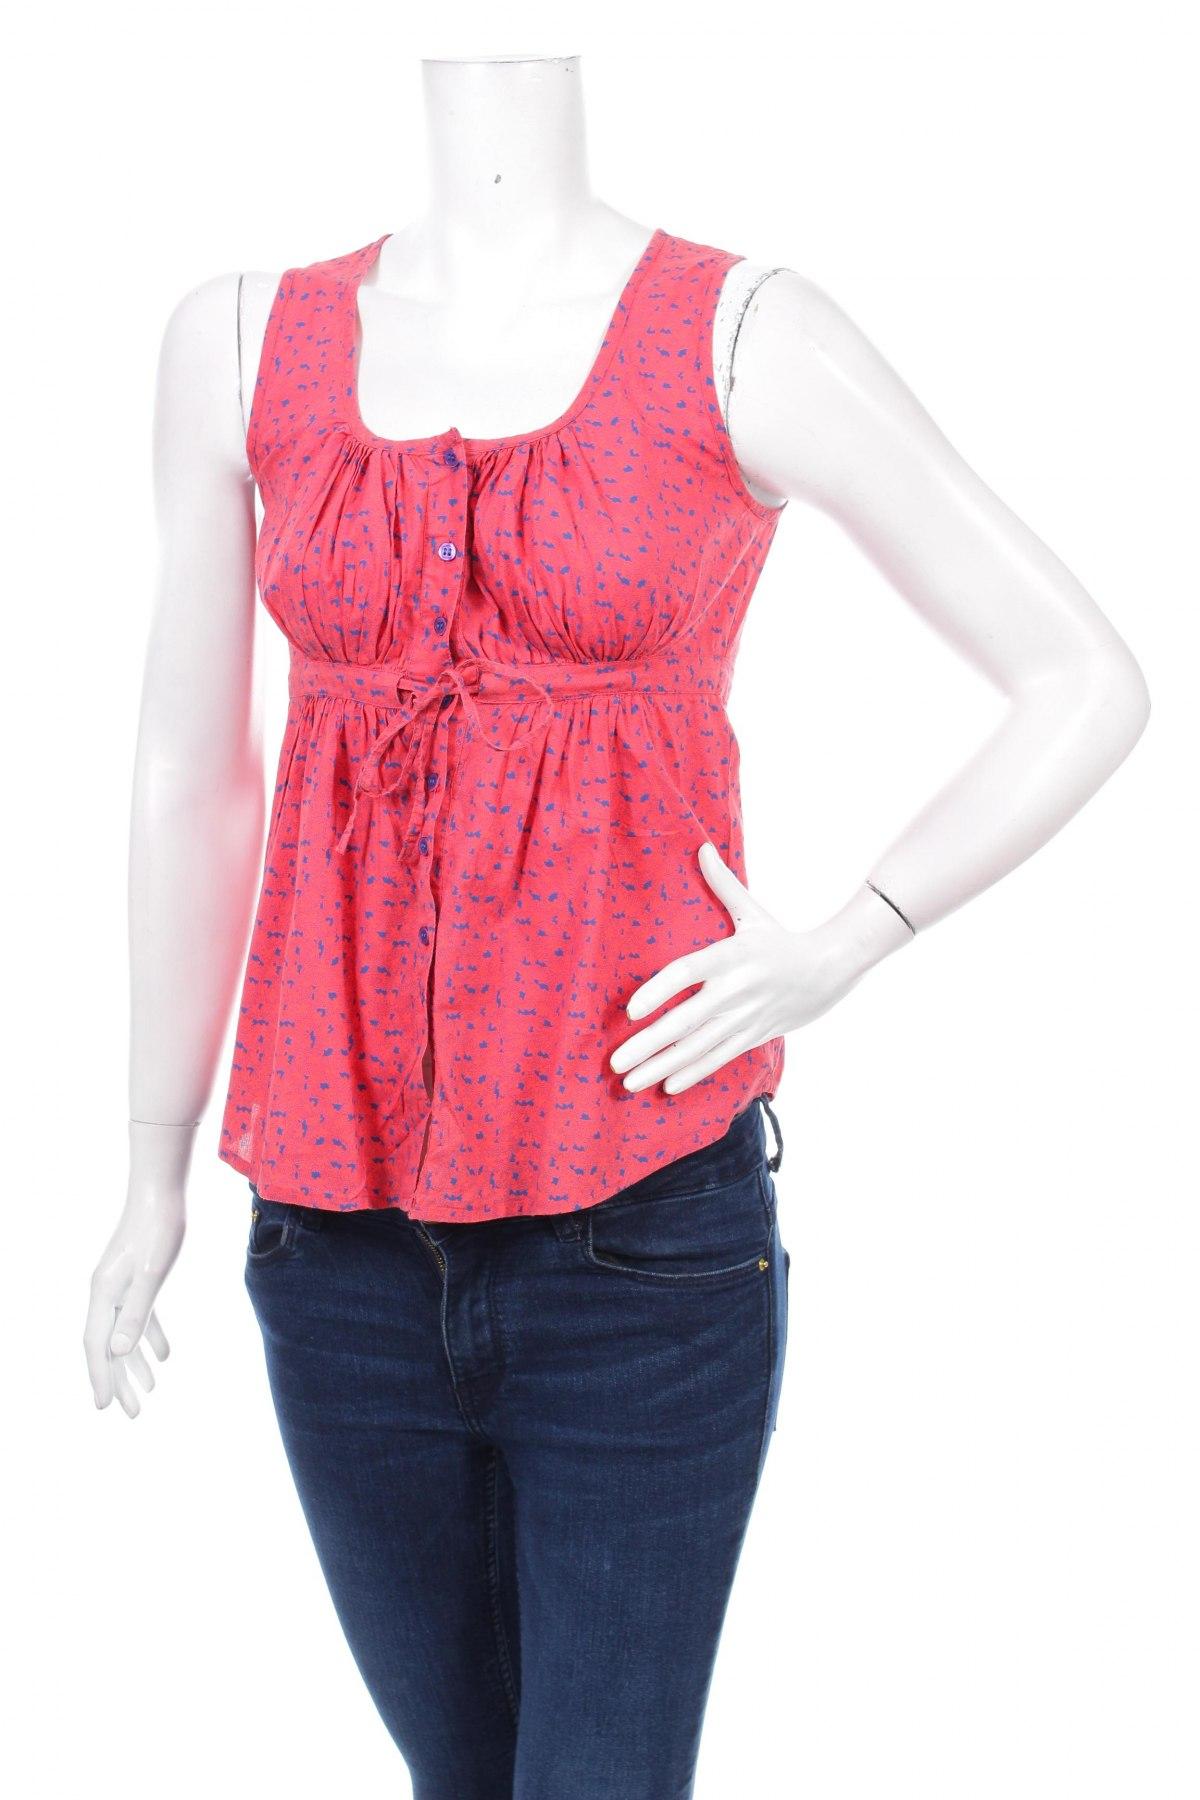 Γυναικείο πουκάμισο Vero Moda, Μέγεθος S, Χρώμα Κόκκινο, 100% βαμβάκι, Τιμή 11,34€